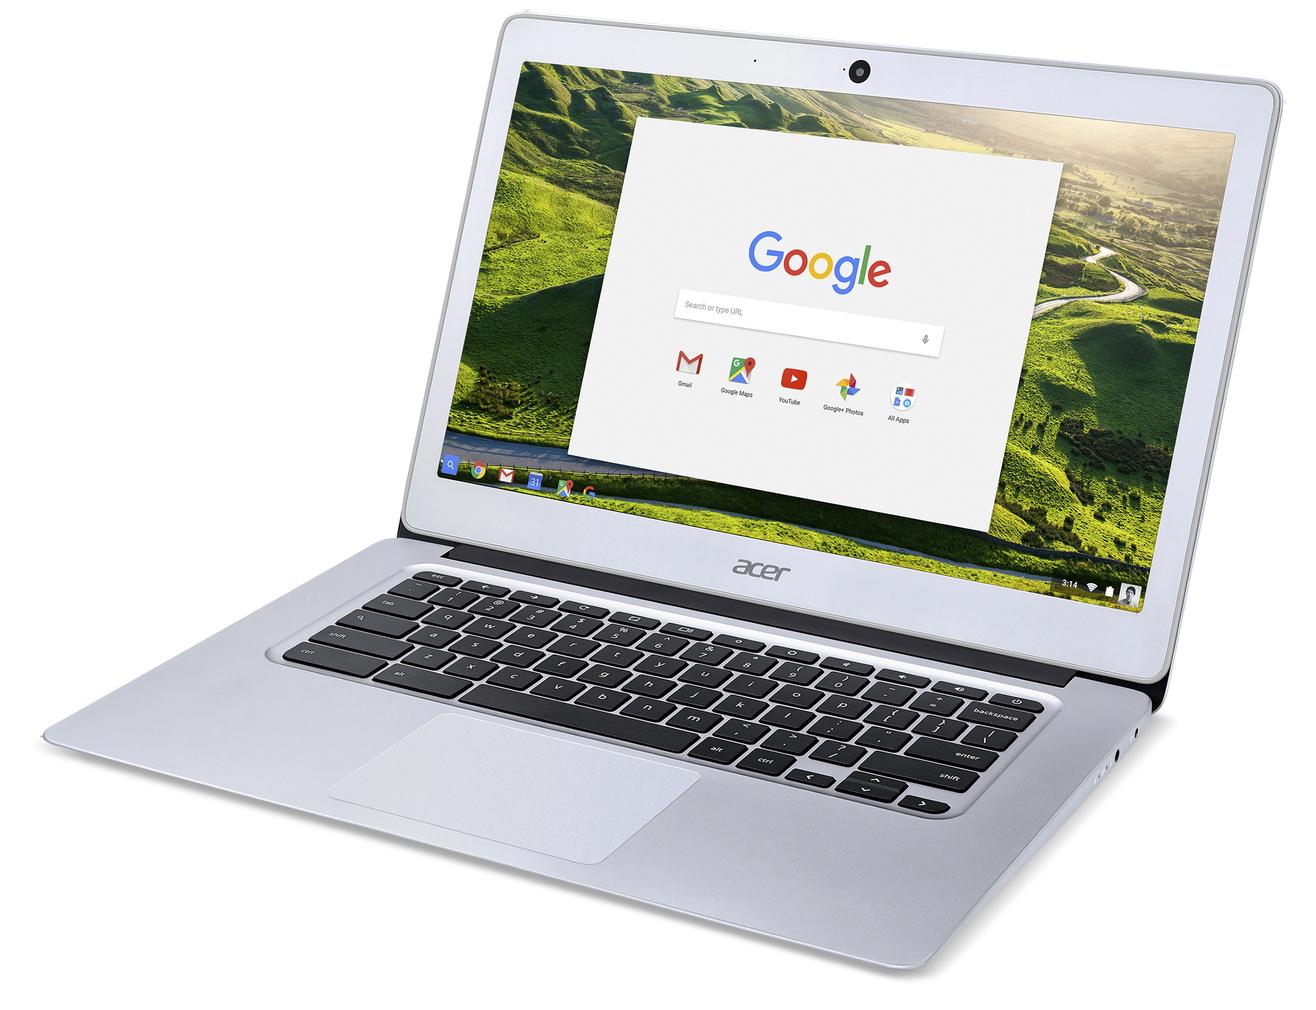 金屬機身、連續使用 14 小時 Acer 全新 Chromebook 14 登場